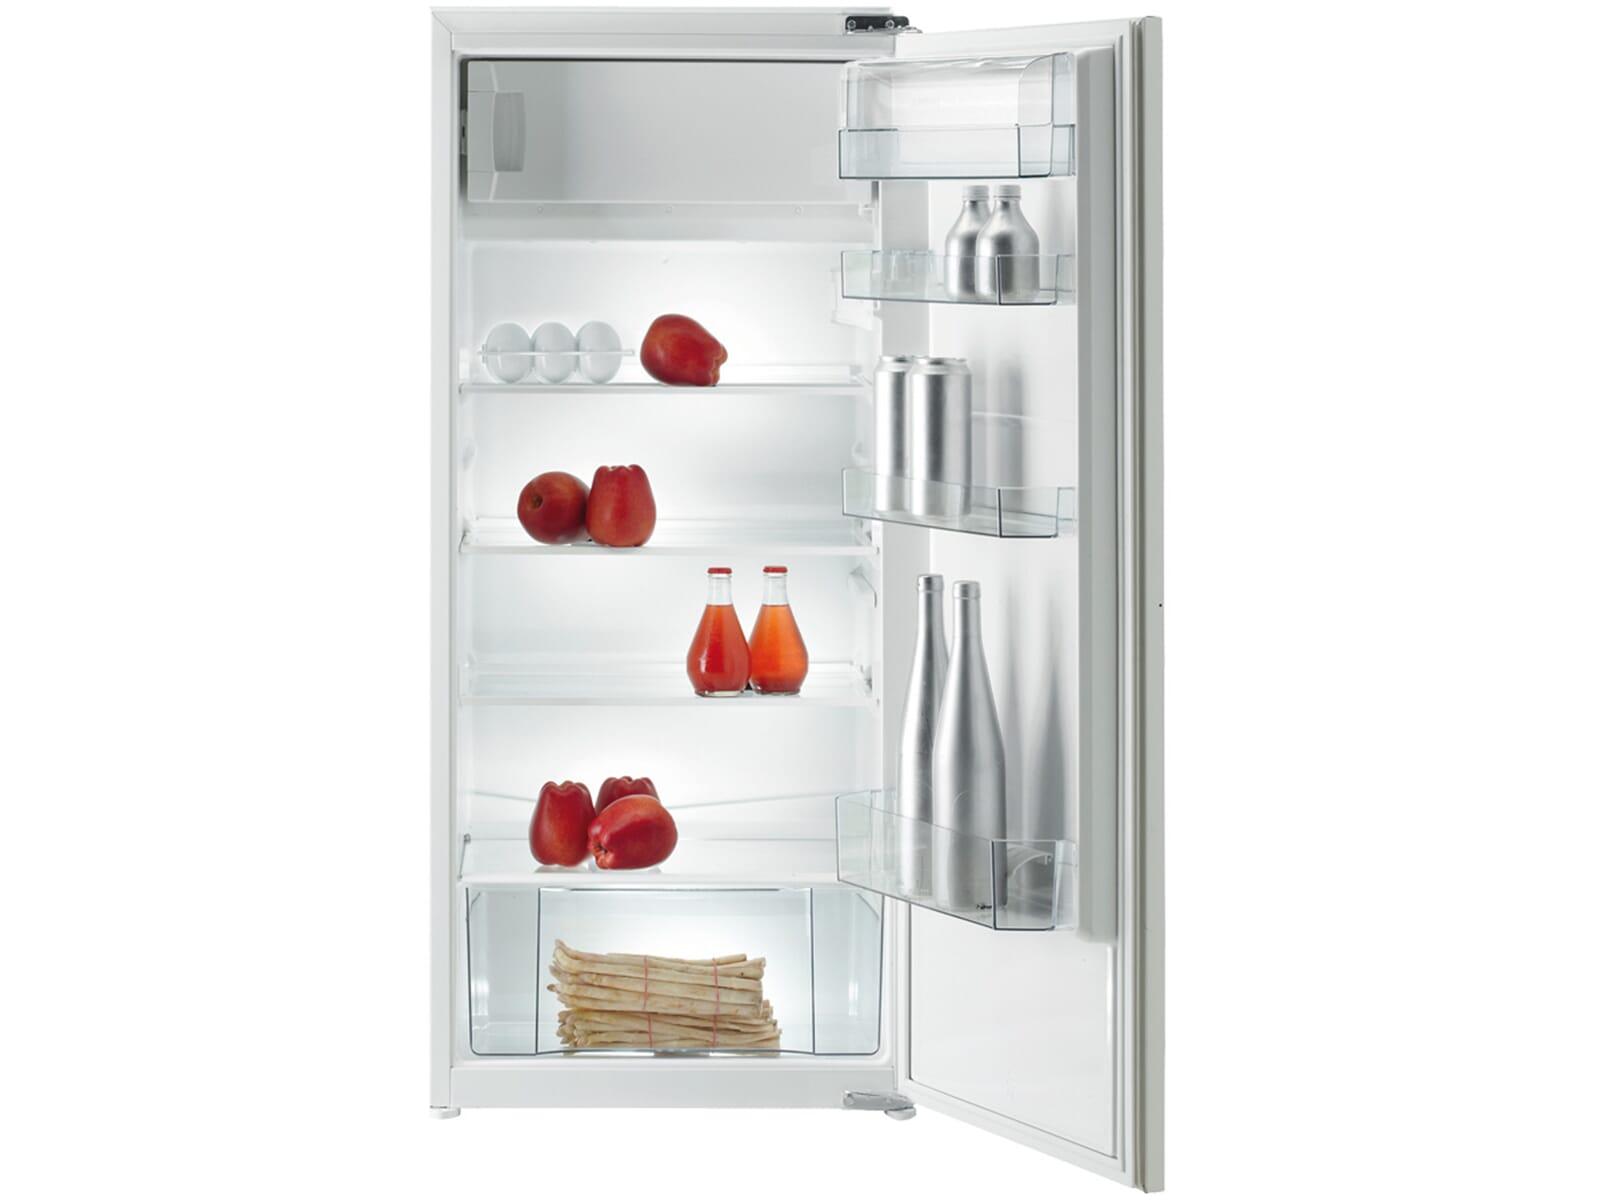 Amica Uks16158 Kühlschrank : Elektro großgeräte kühlschränke produkte von amica online